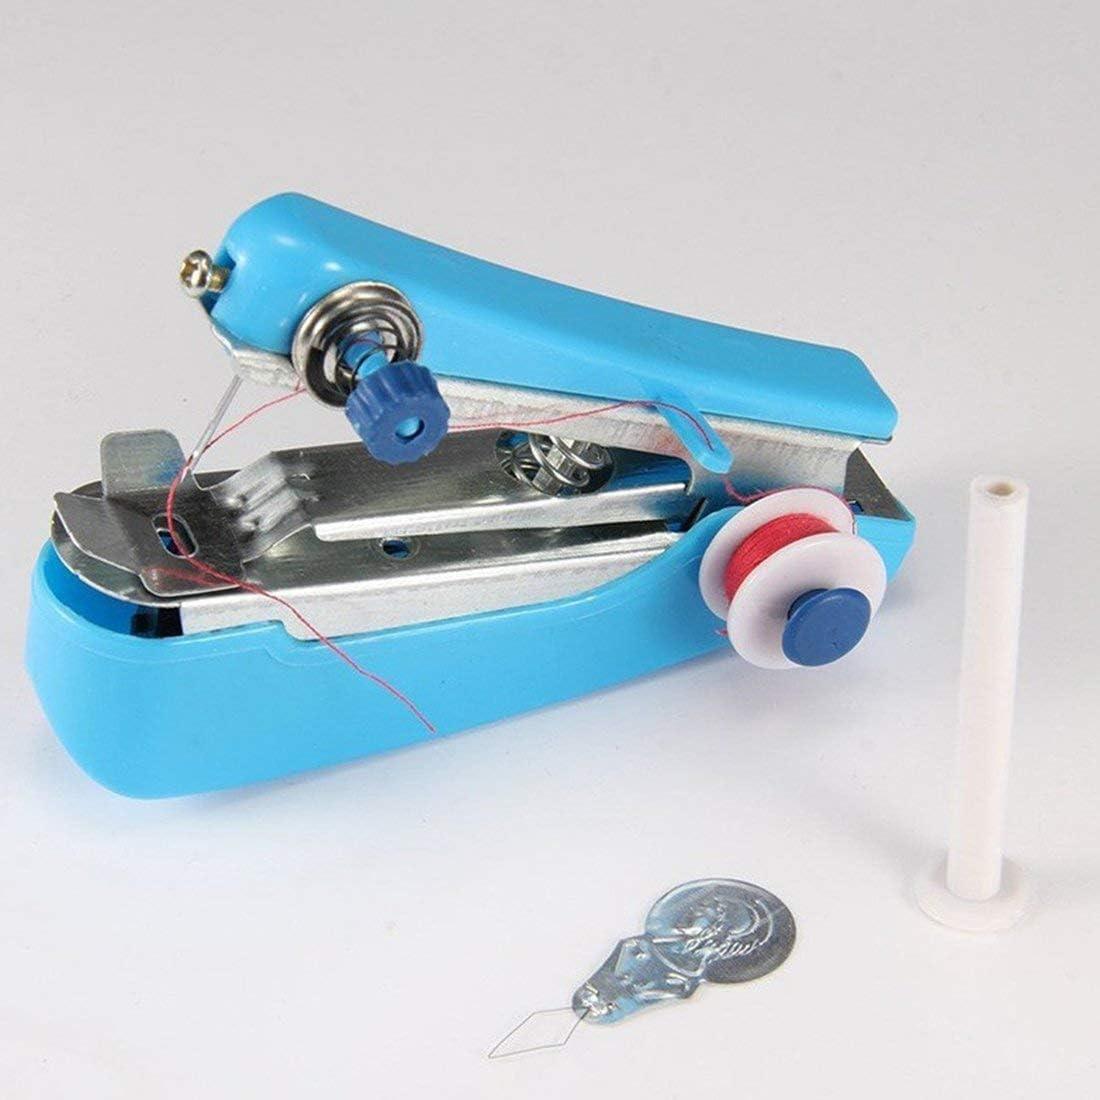 Mini máquina de coser portátil de mano Telas de ropa de mano Puntada Máquina de coser manual Viaje o hogar-Rojo